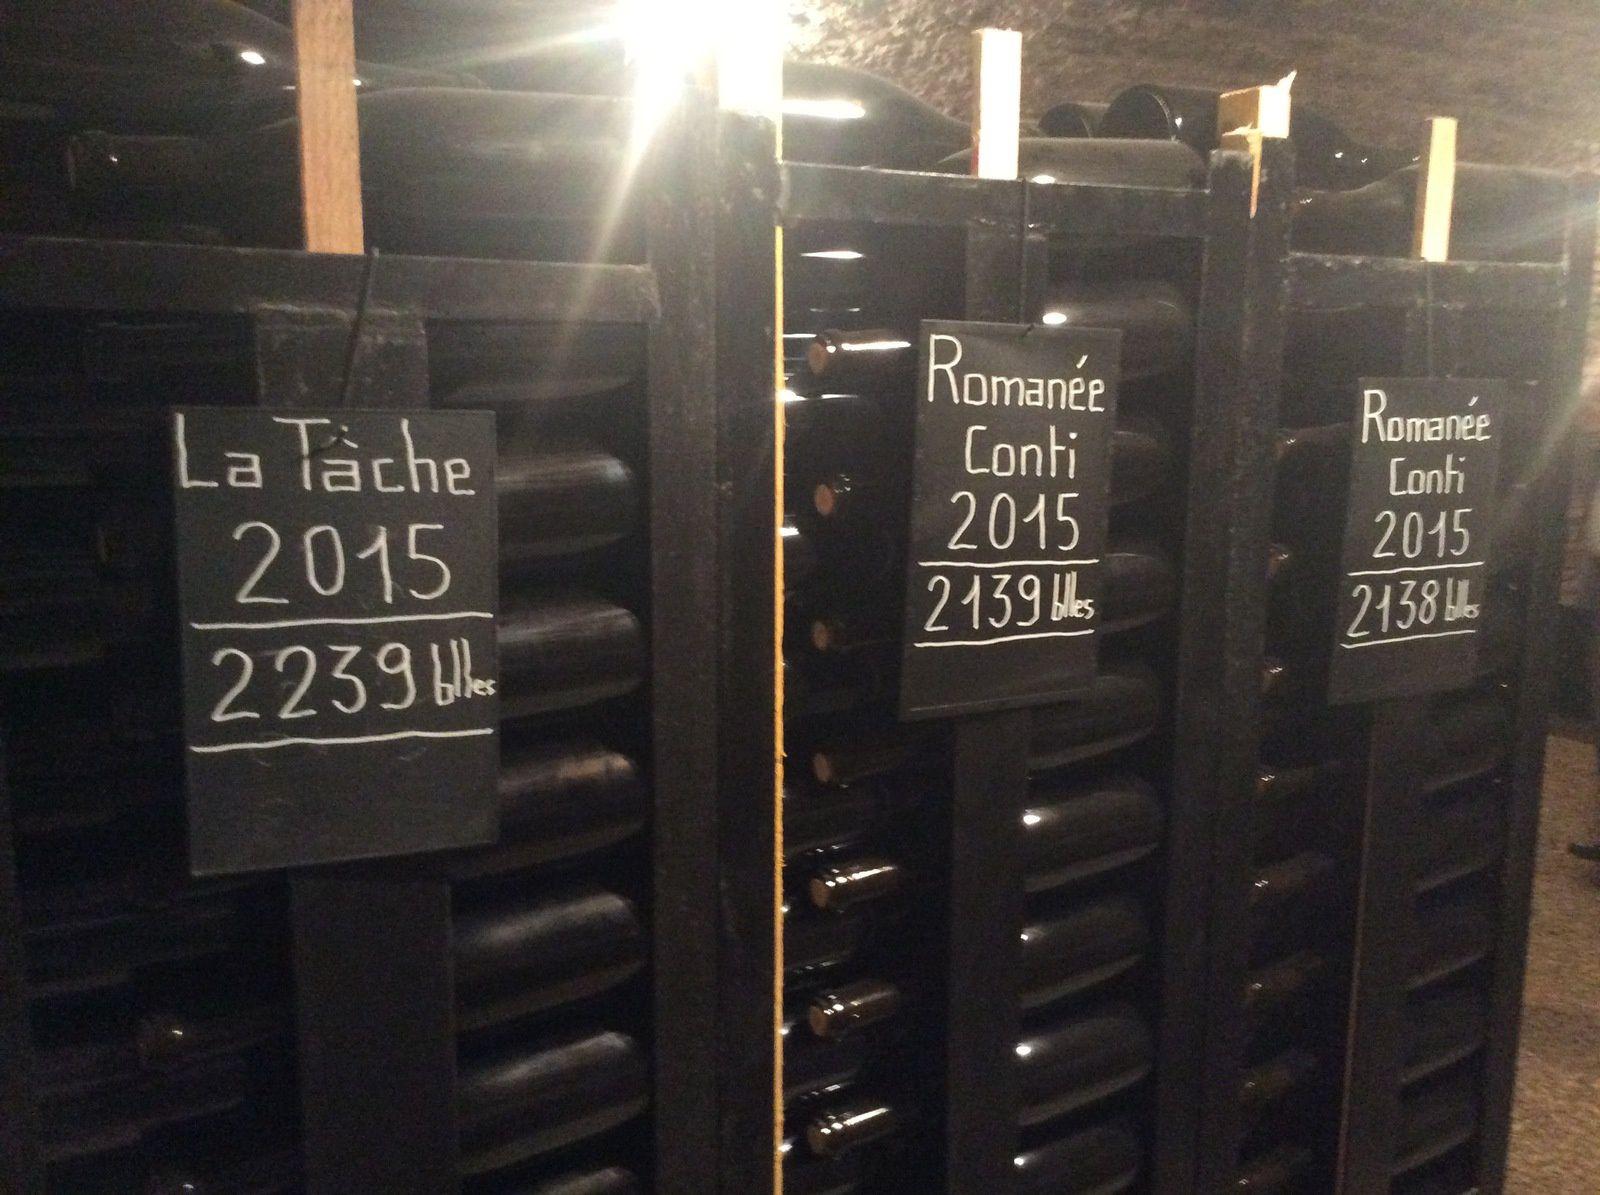 - La Tâche et la RC dans le millésime 2015 ... Les étiquettes ne seront posées qu'au moment de la mise en vente.